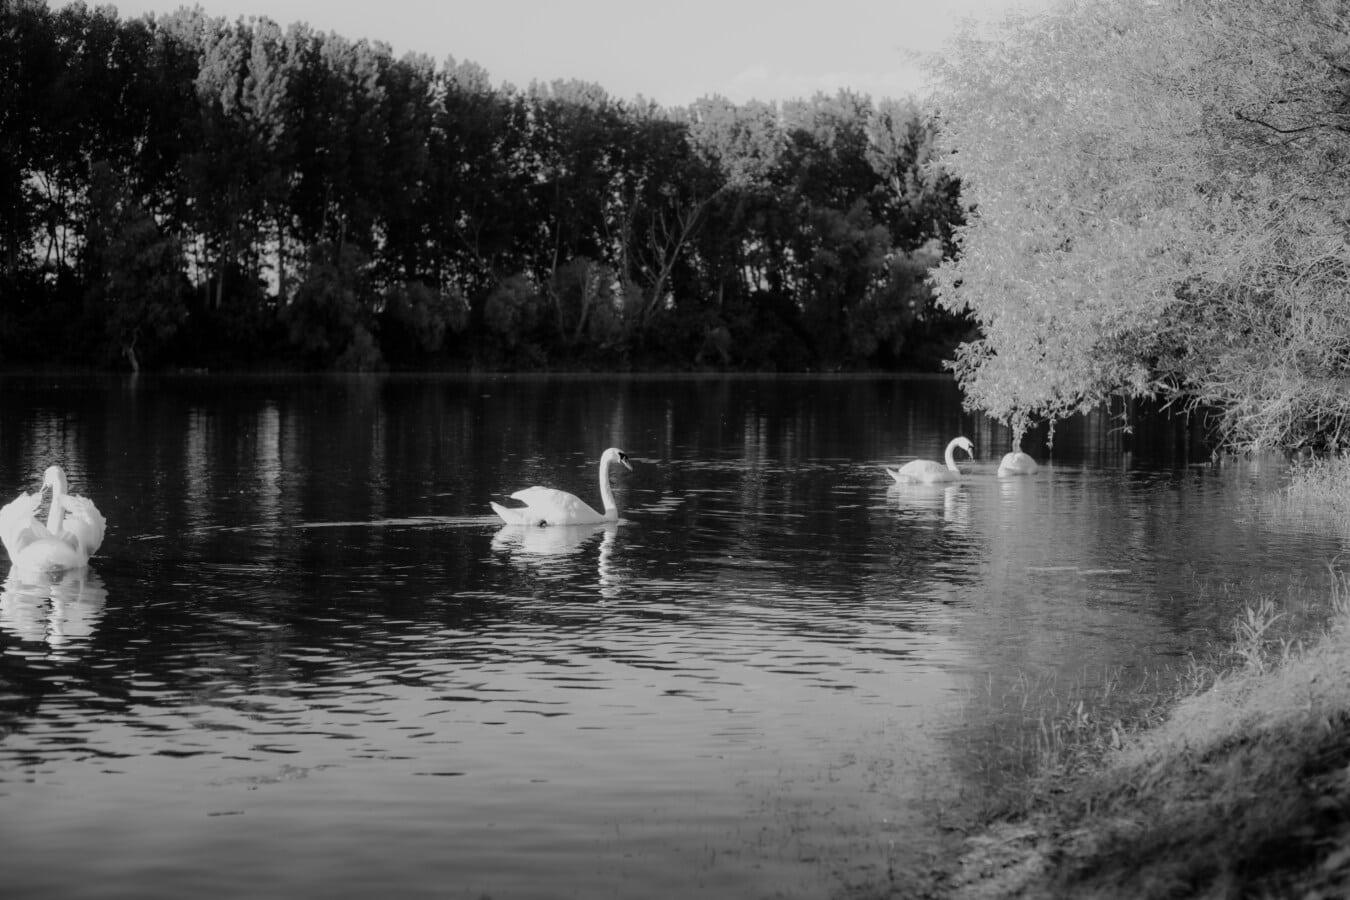 oiseaux aquatique, troupeau, oiseau échassier, cygne, noir et blanc, monochrome, paysage, calme, placide, eau